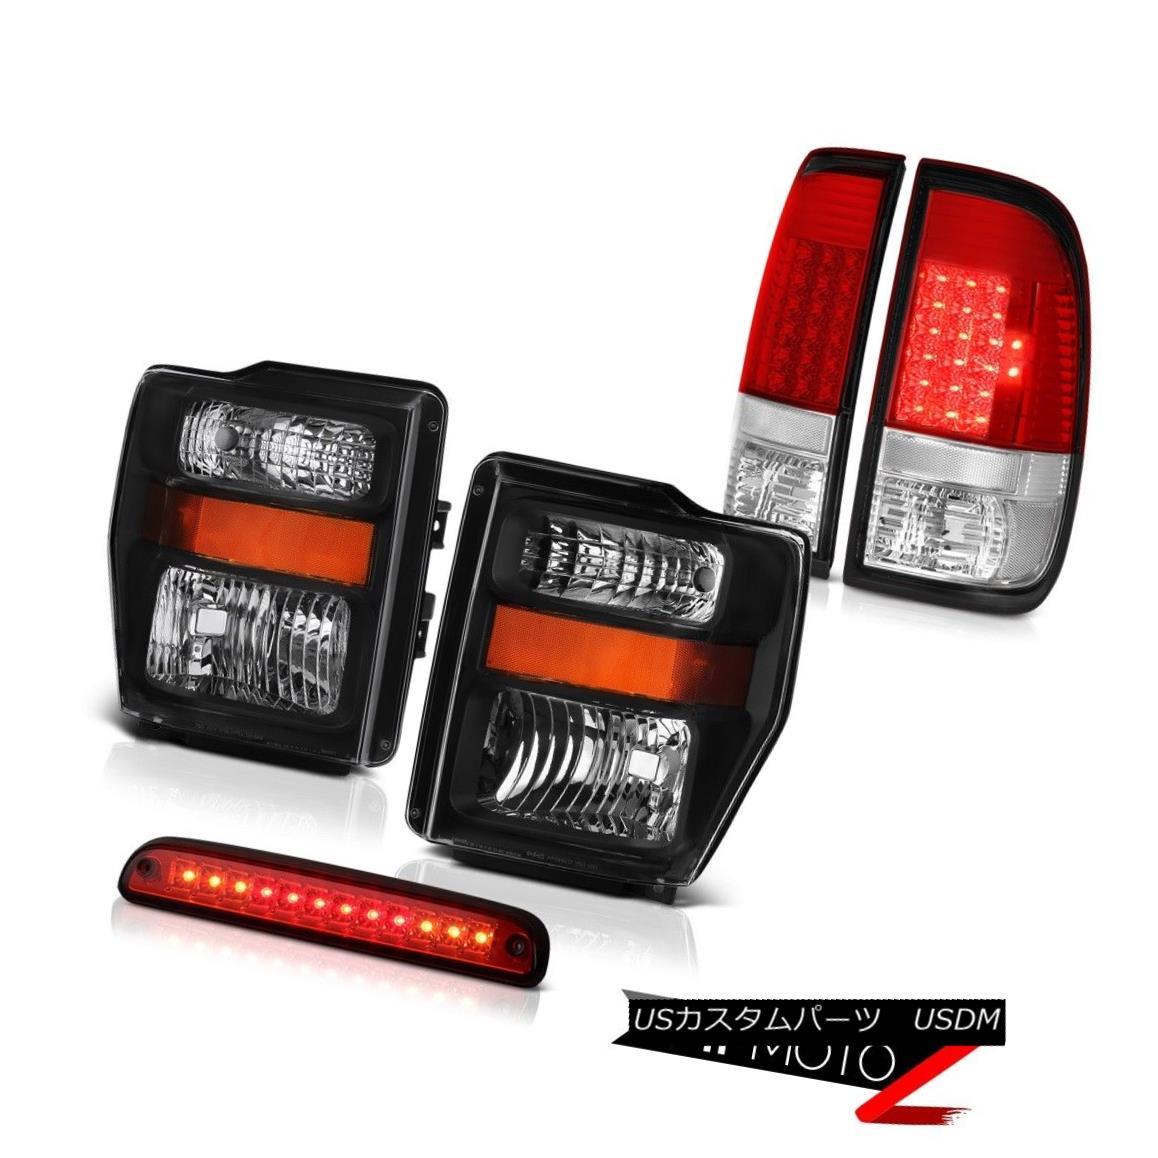 テールライト 2008-2010 F250 Turbo Diesel Amber Black Headlights LED Brake Tail Lights High 2008-2010 F250ターボディーゼル琥珀ブラックヘッドライトLEDブレーキテールライト高